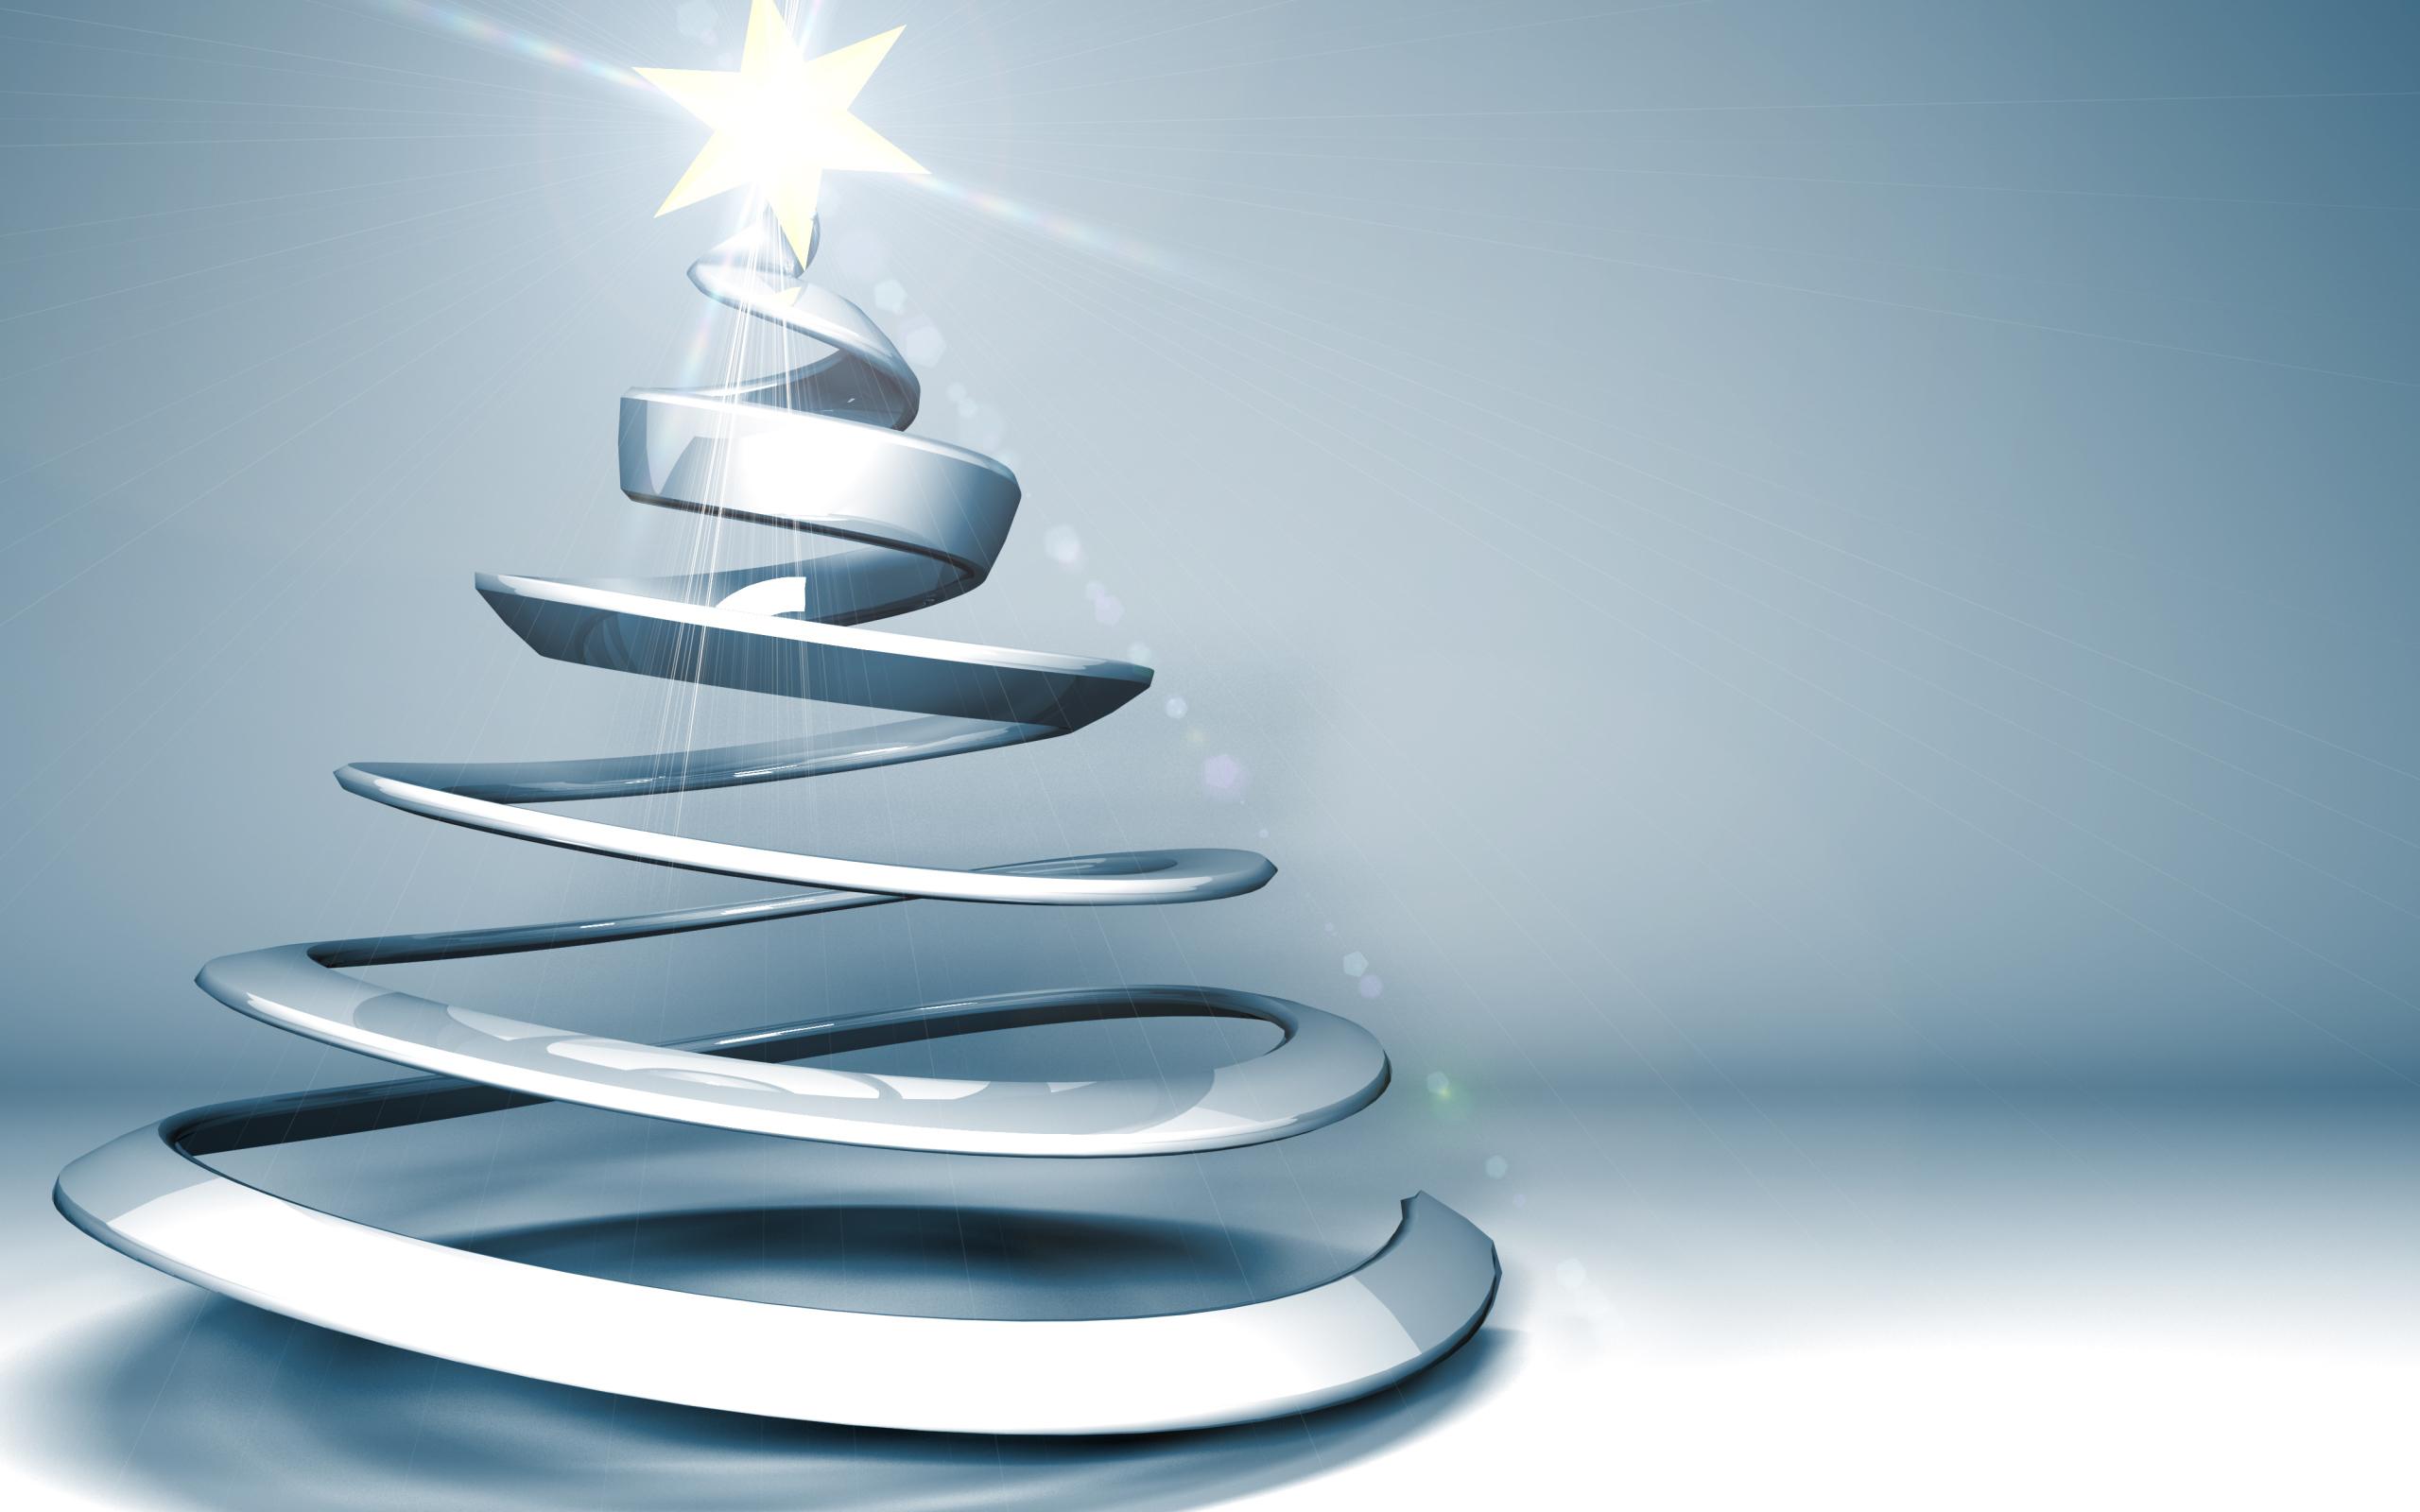 Елка пружина - C Рождеством Христовым поздравительные картинки